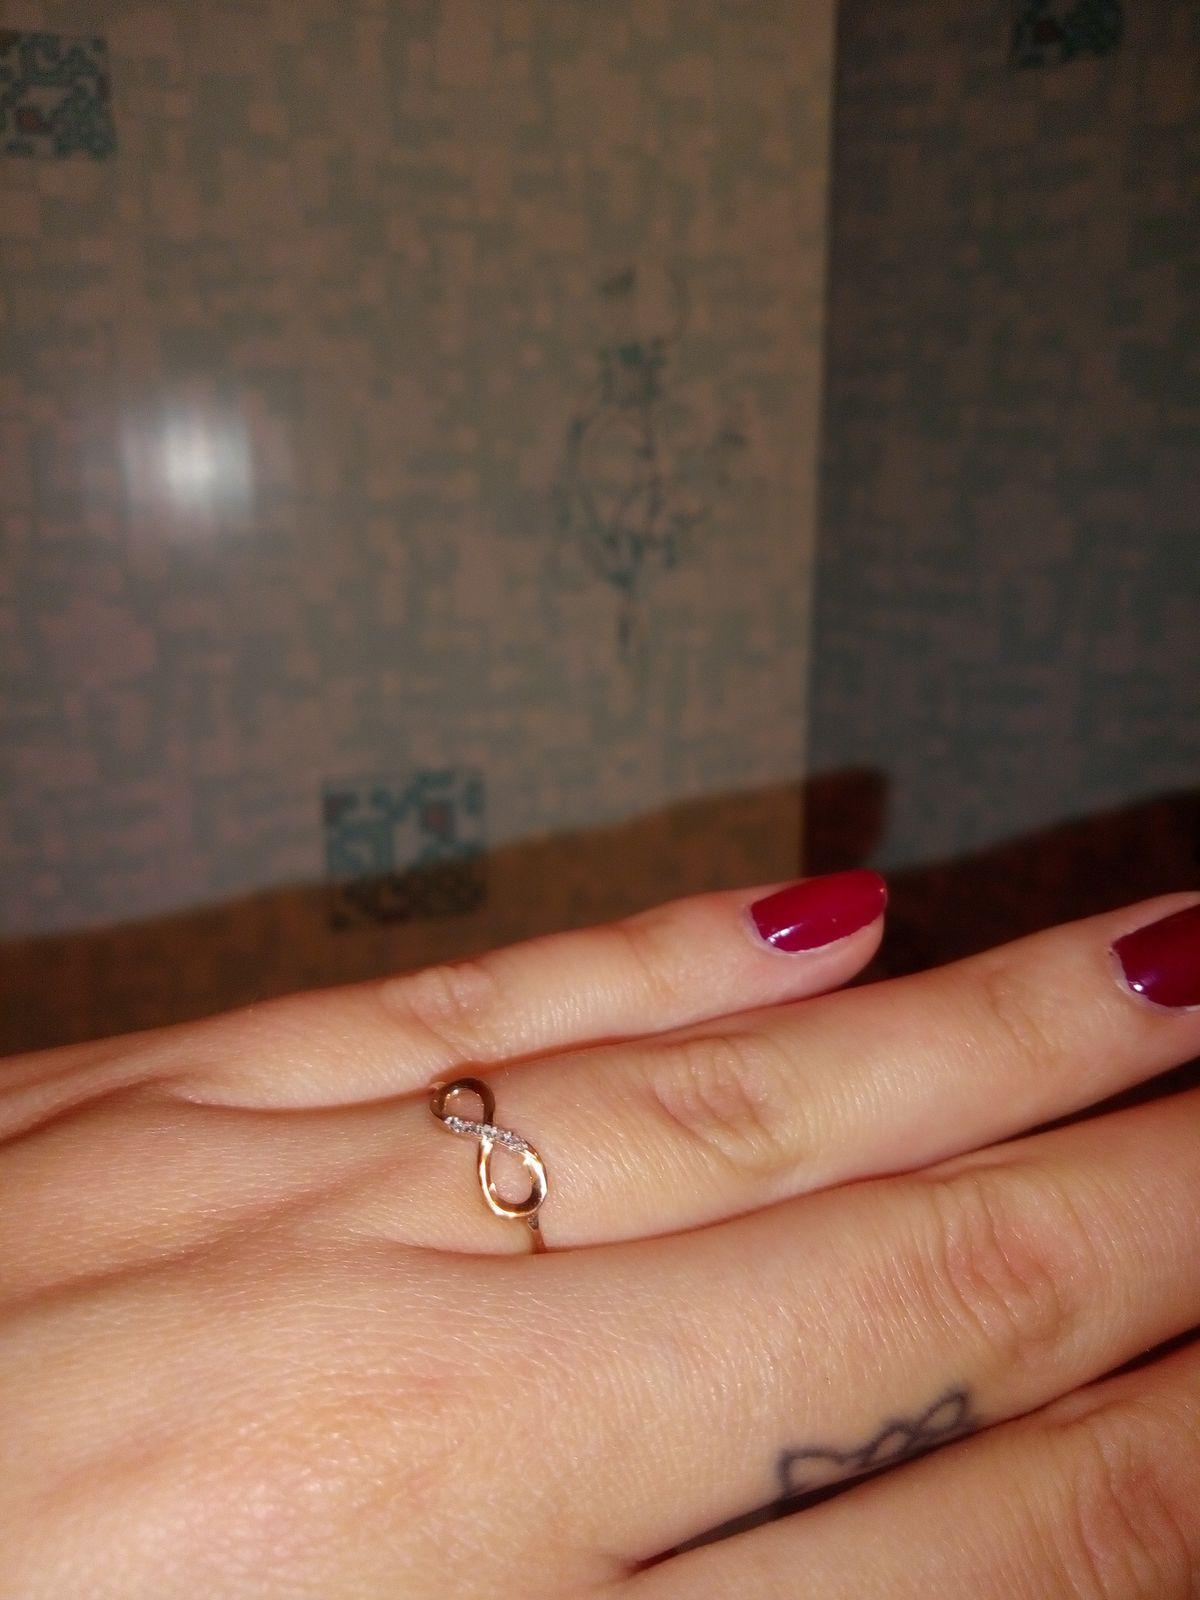 Обожаю это кольцо)